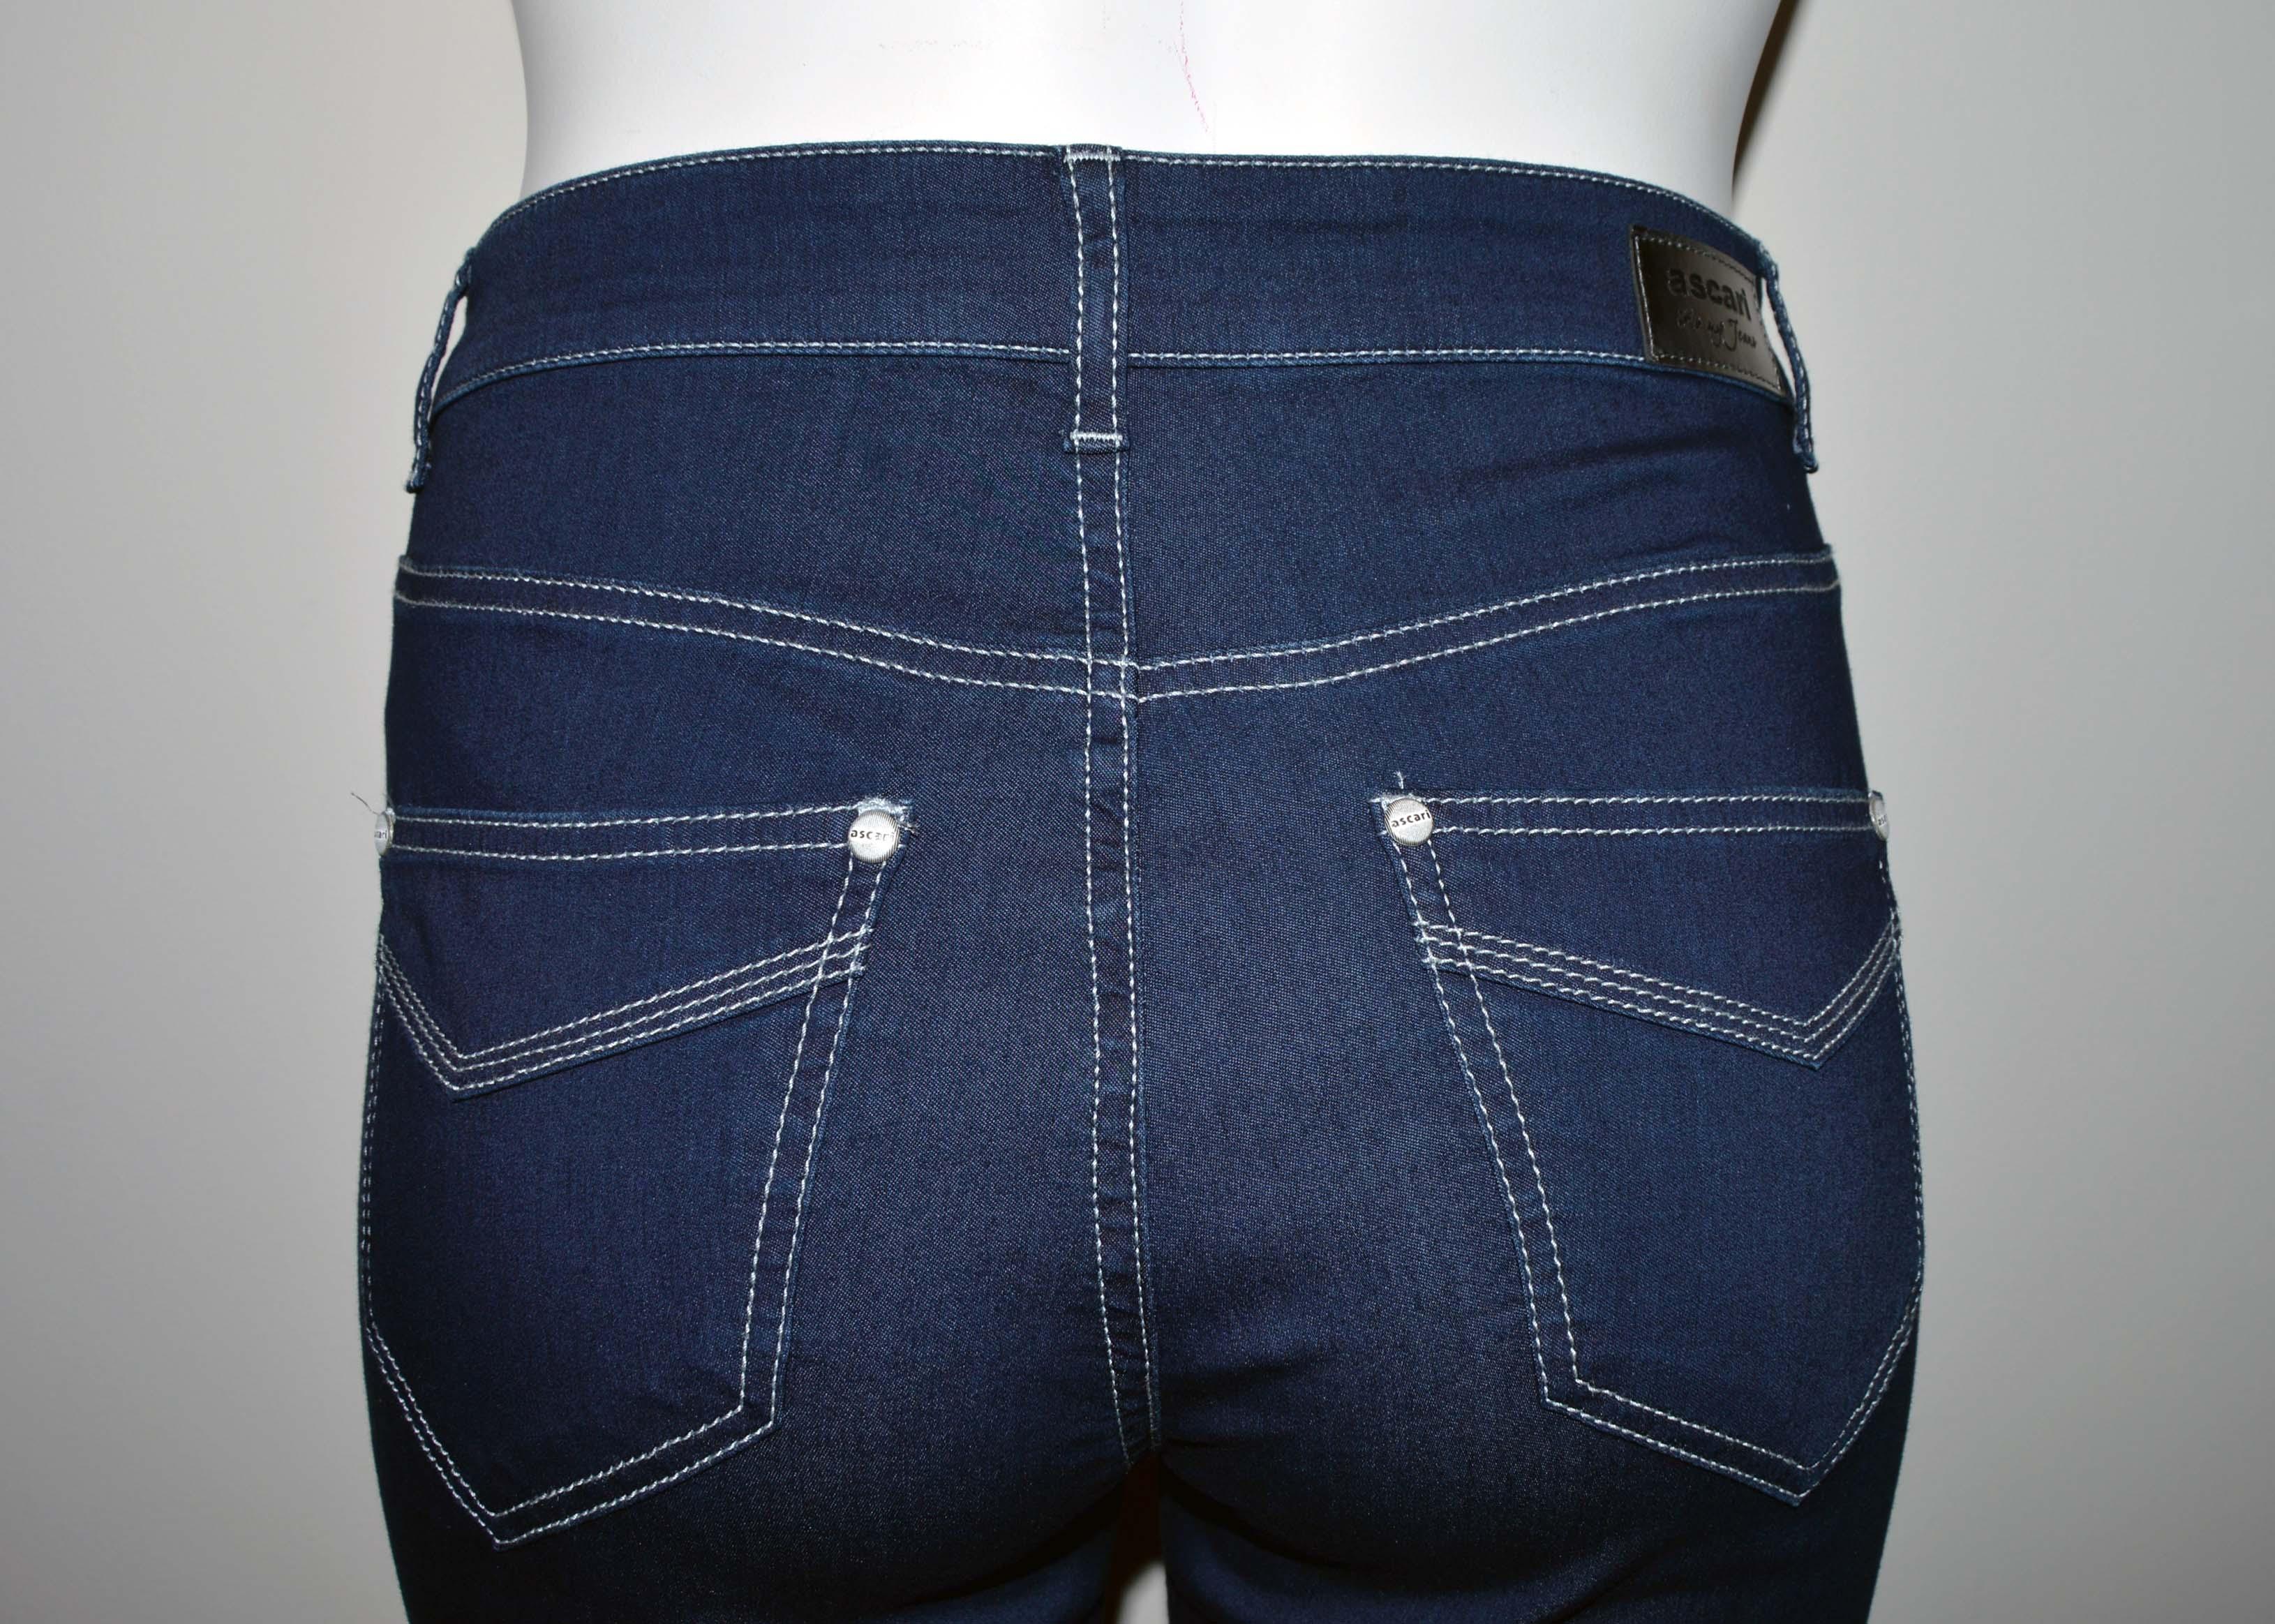 Mörkblå jeans Lena i storlekar 42-52. Pris 899:-